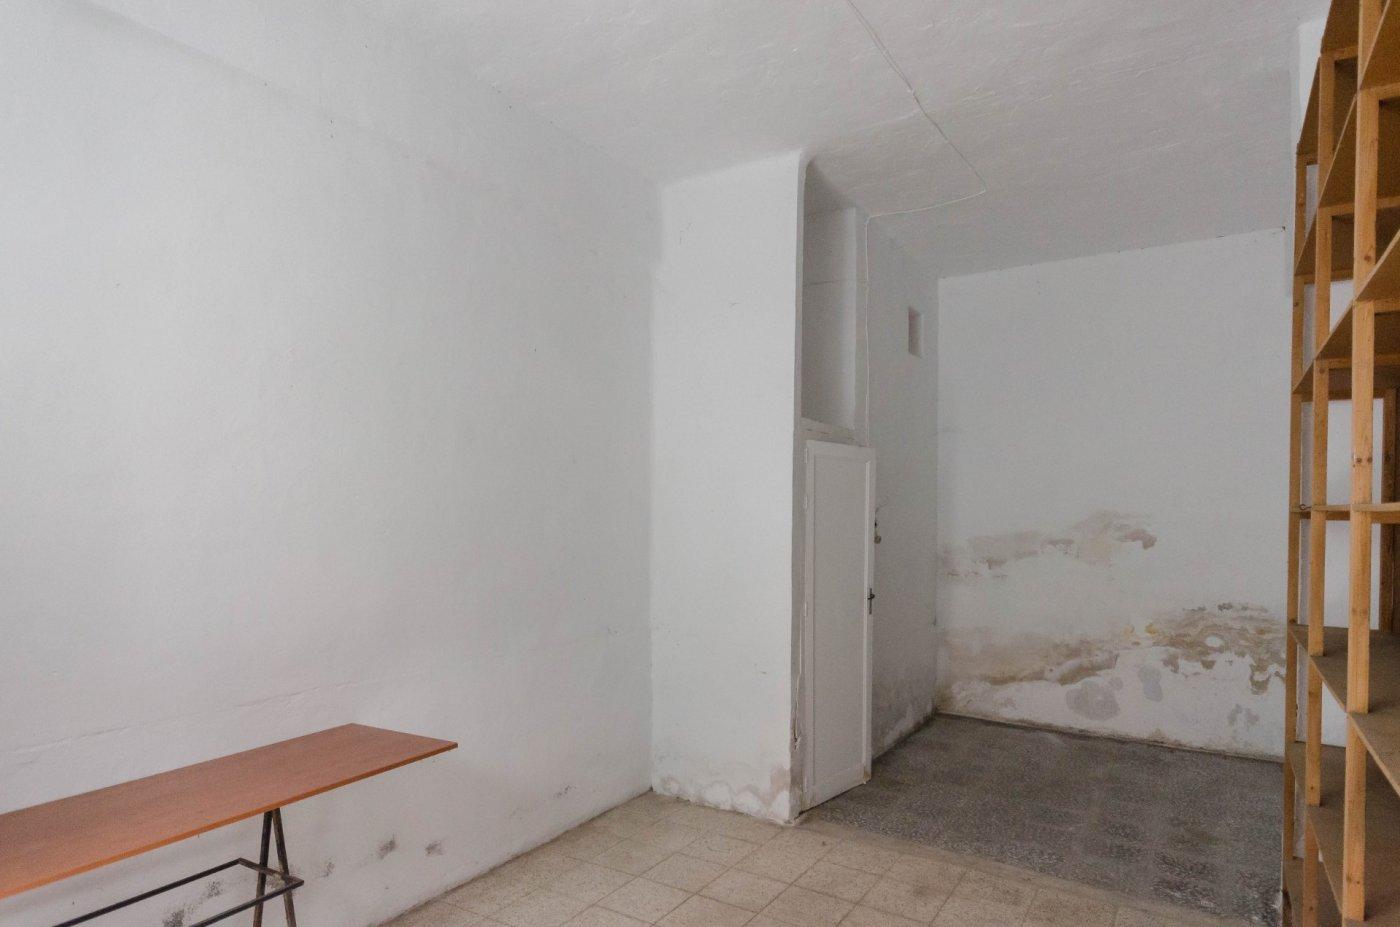 Venta de garaje en murcia - imagenInmueble4